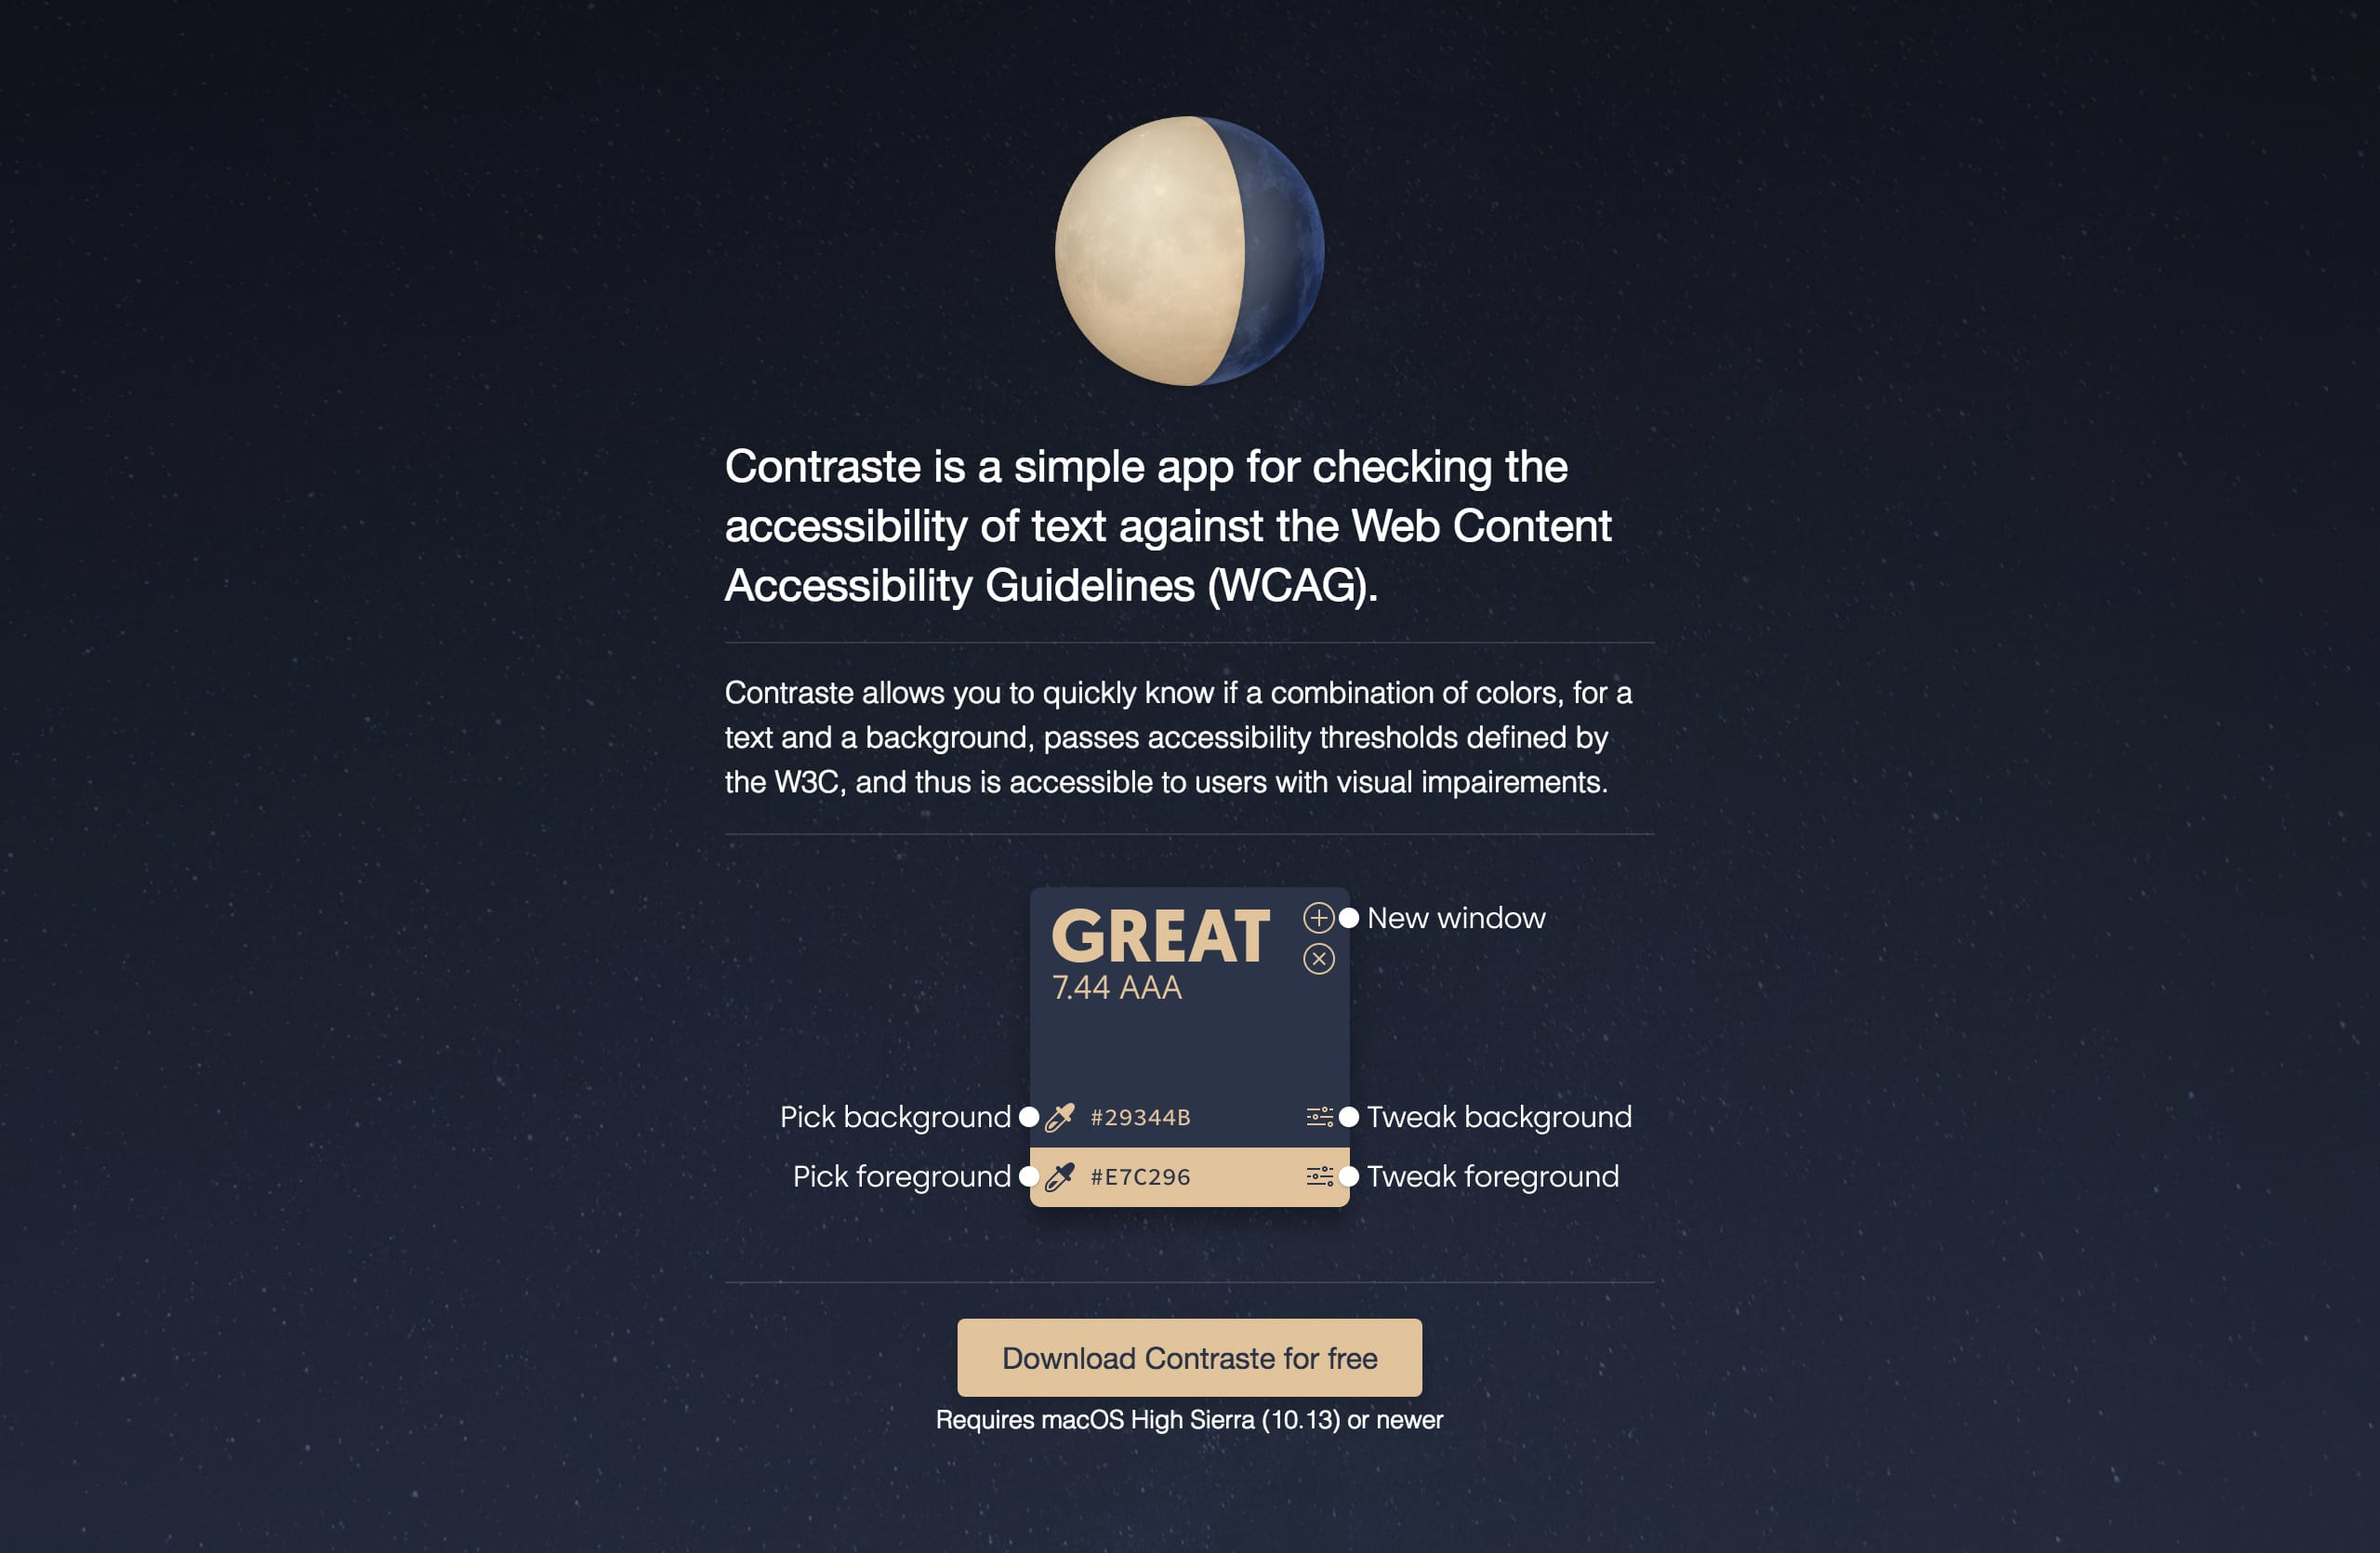 Contraste Website Screenshot